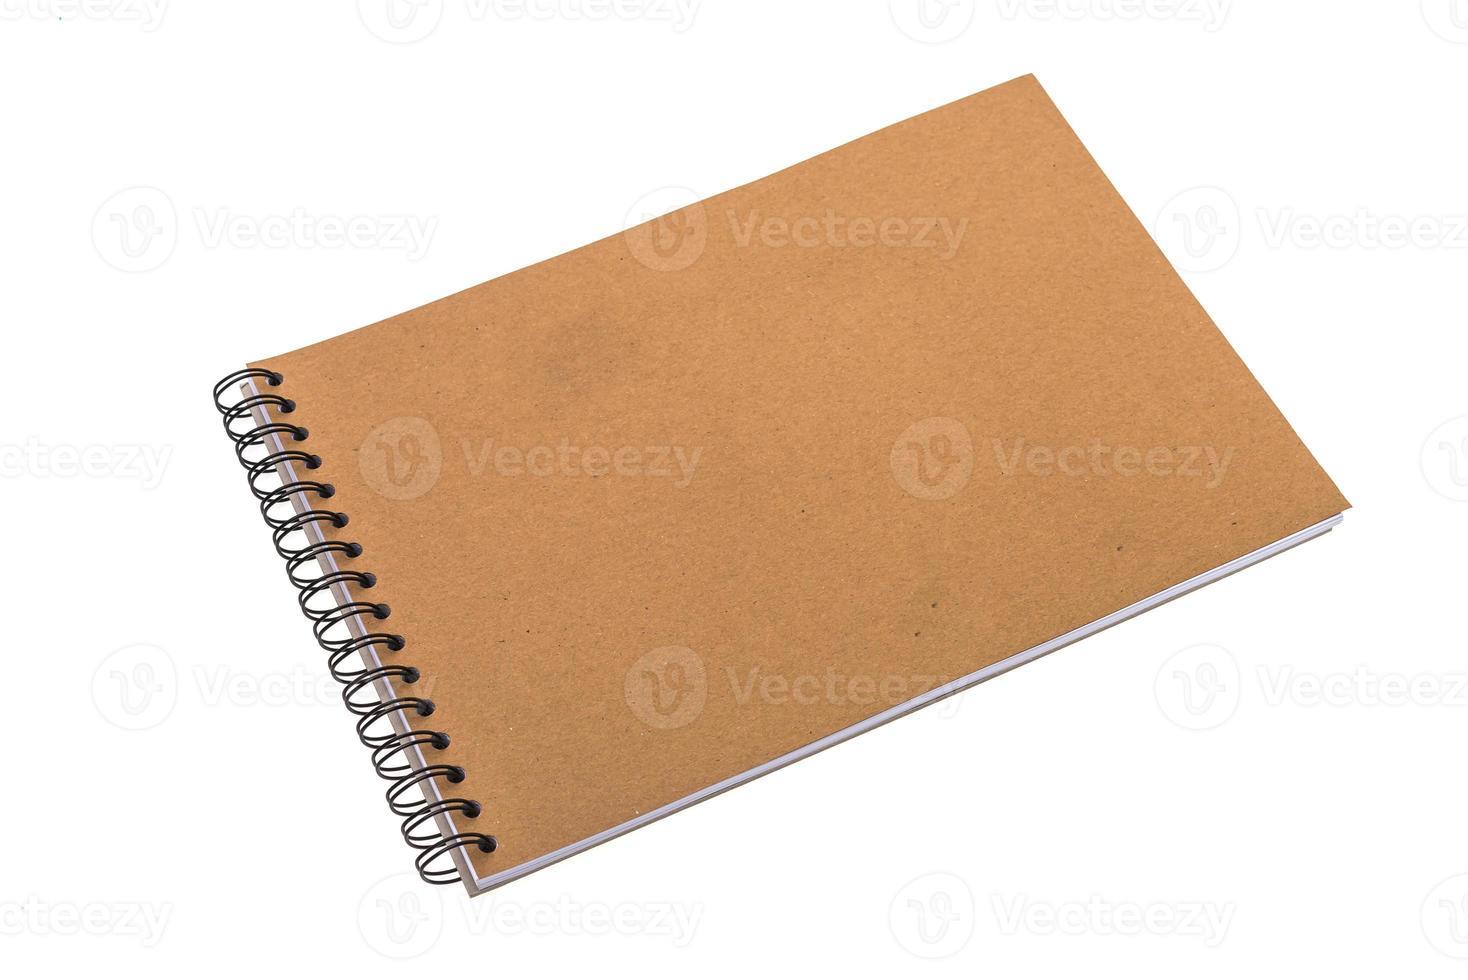 caderno em branco vazio foto